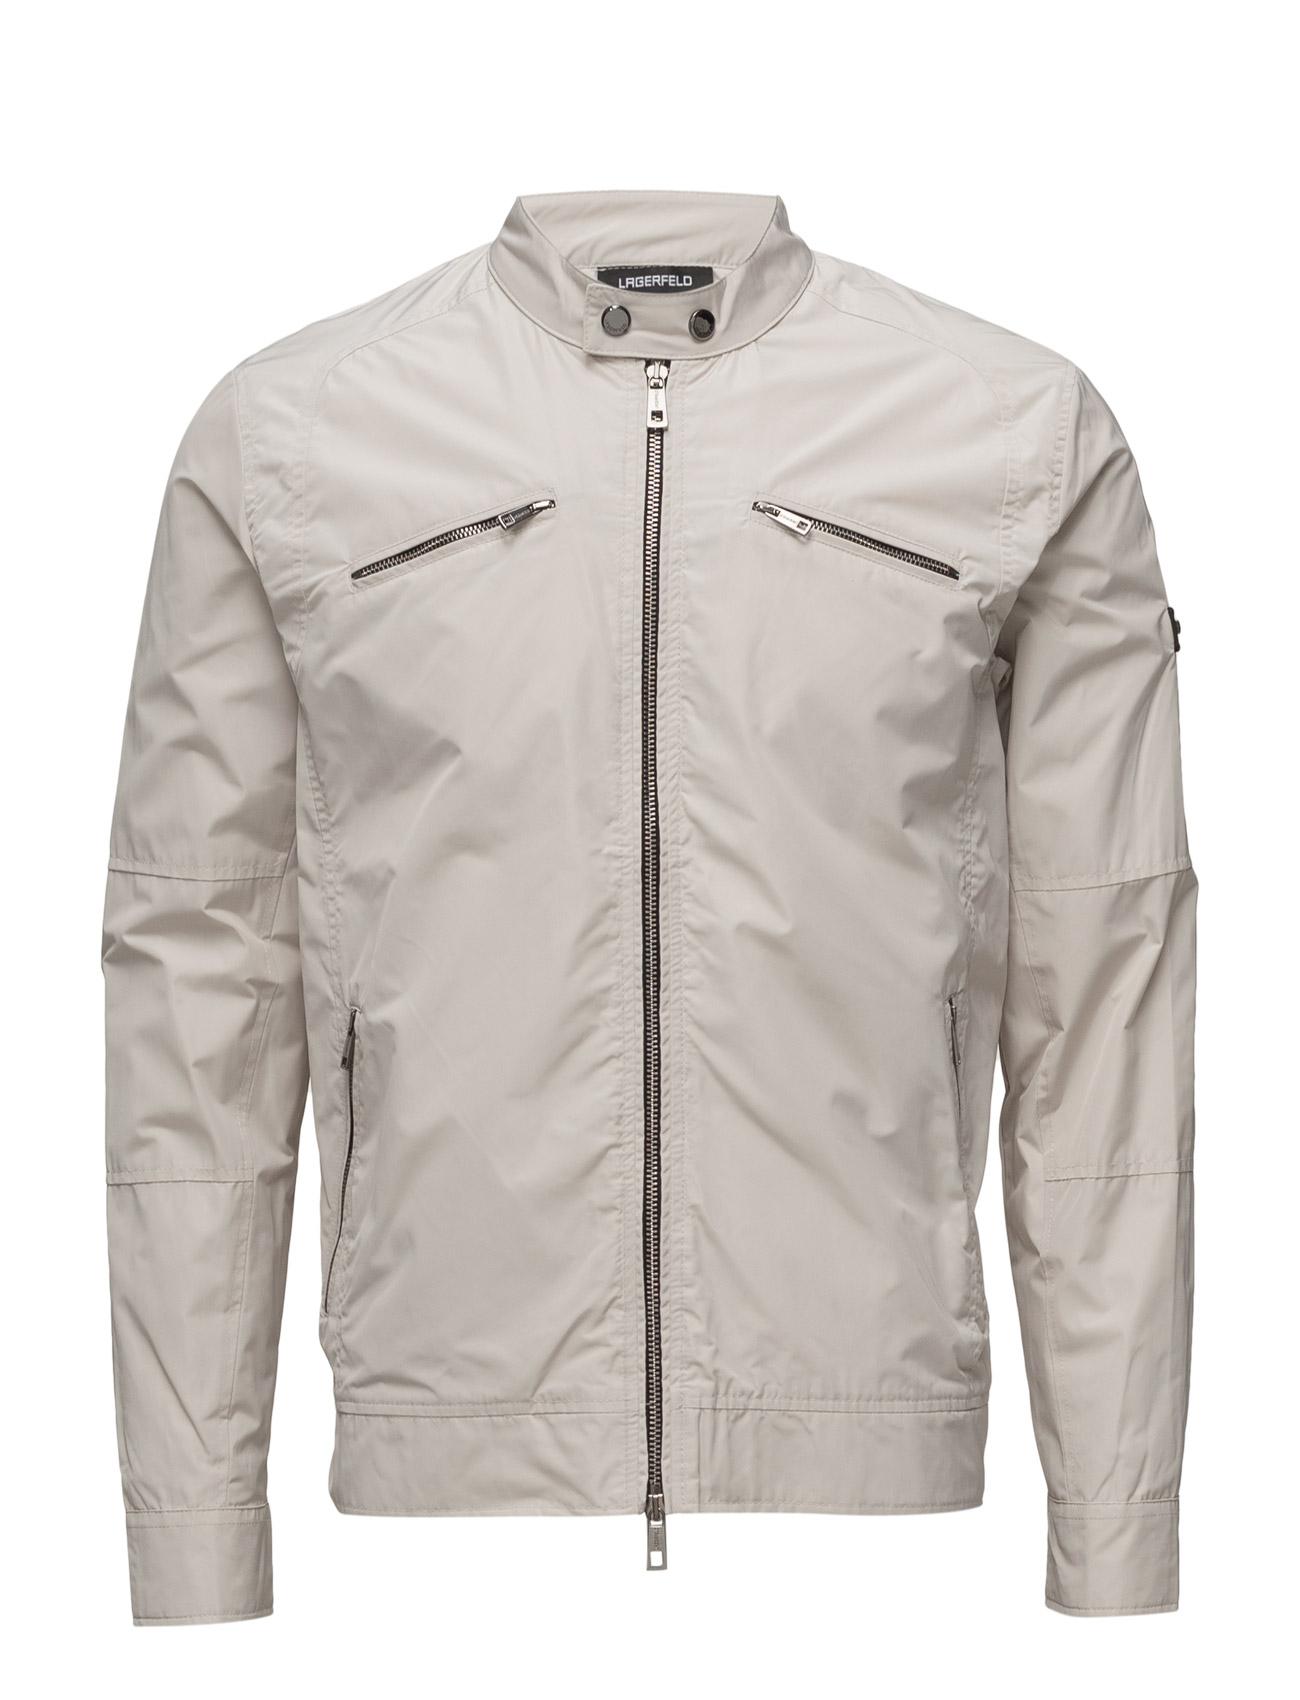 ee8985e22c8 Find Sweatjacket Lagerfeld Jakker i Navy blå til Mænd i en online modebutik